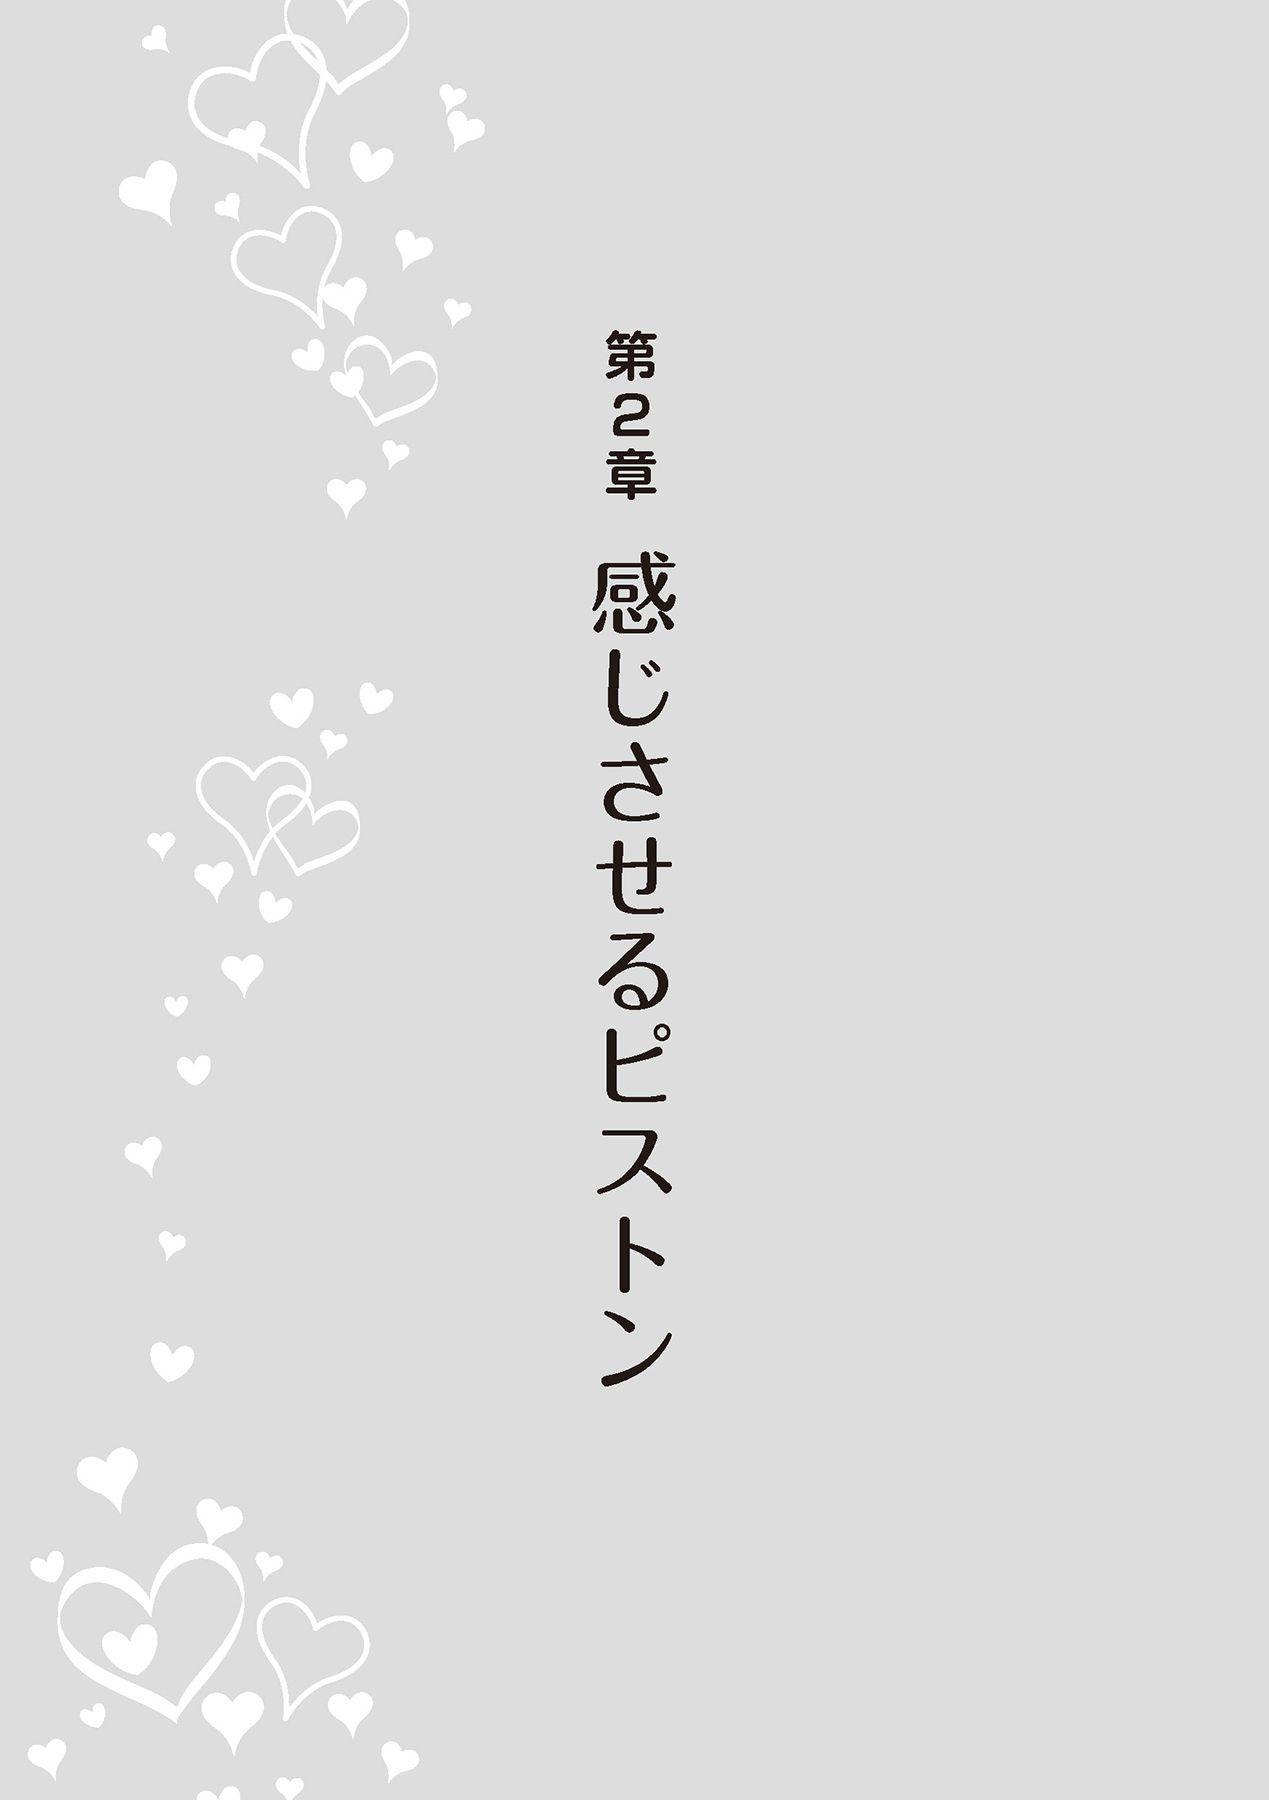 膣挿入&ピストン運動完全マニュアル イラスト版……ピスとんッ! 40